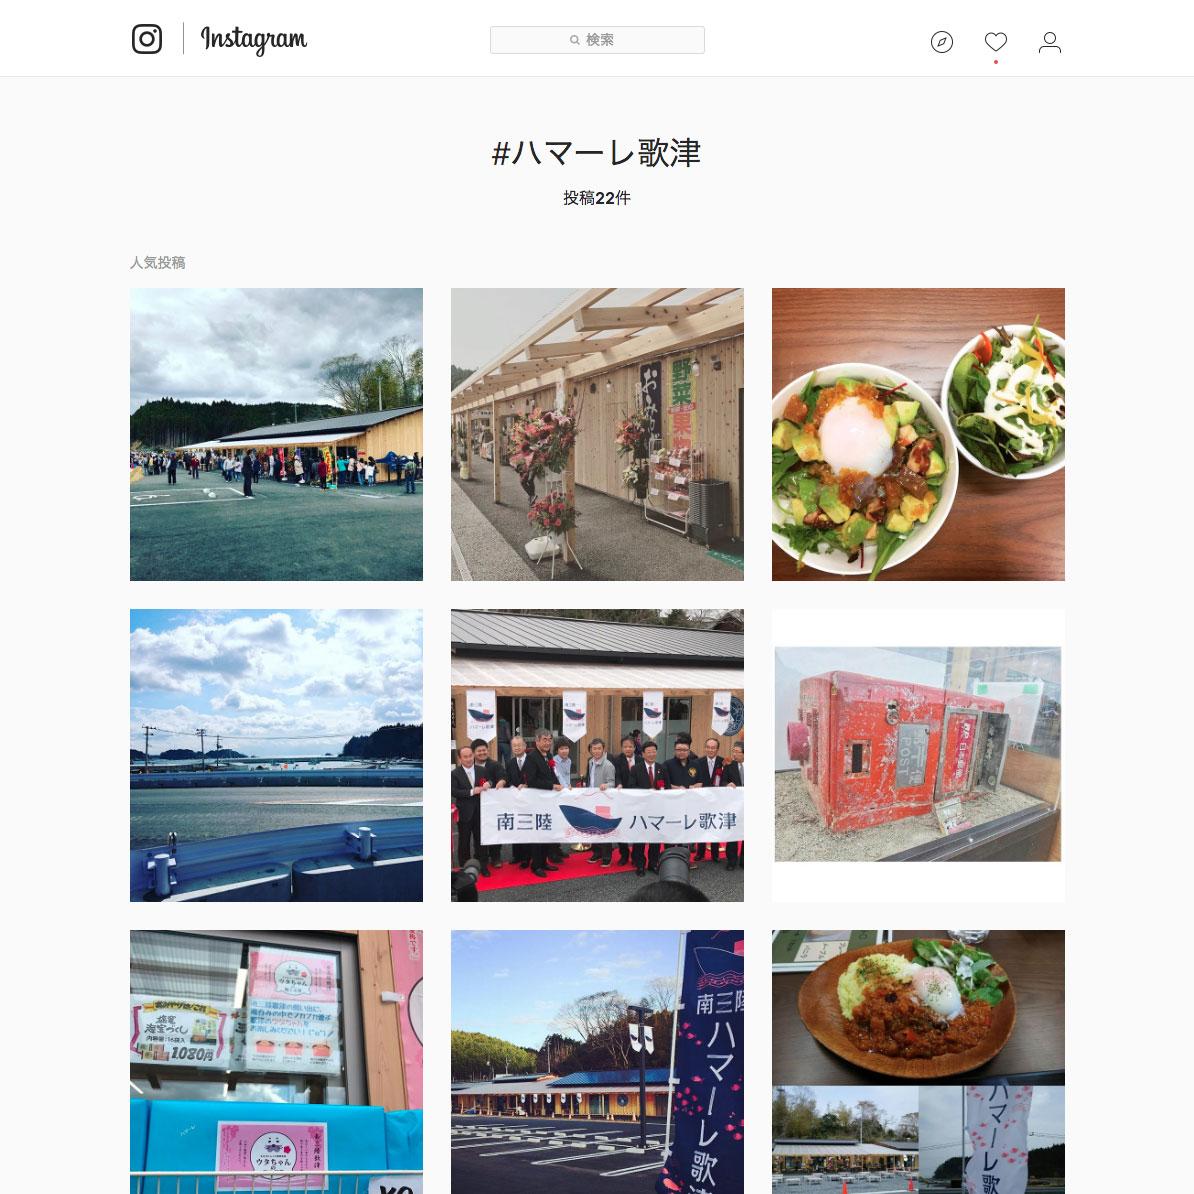 ハマーレ歌津Instagram